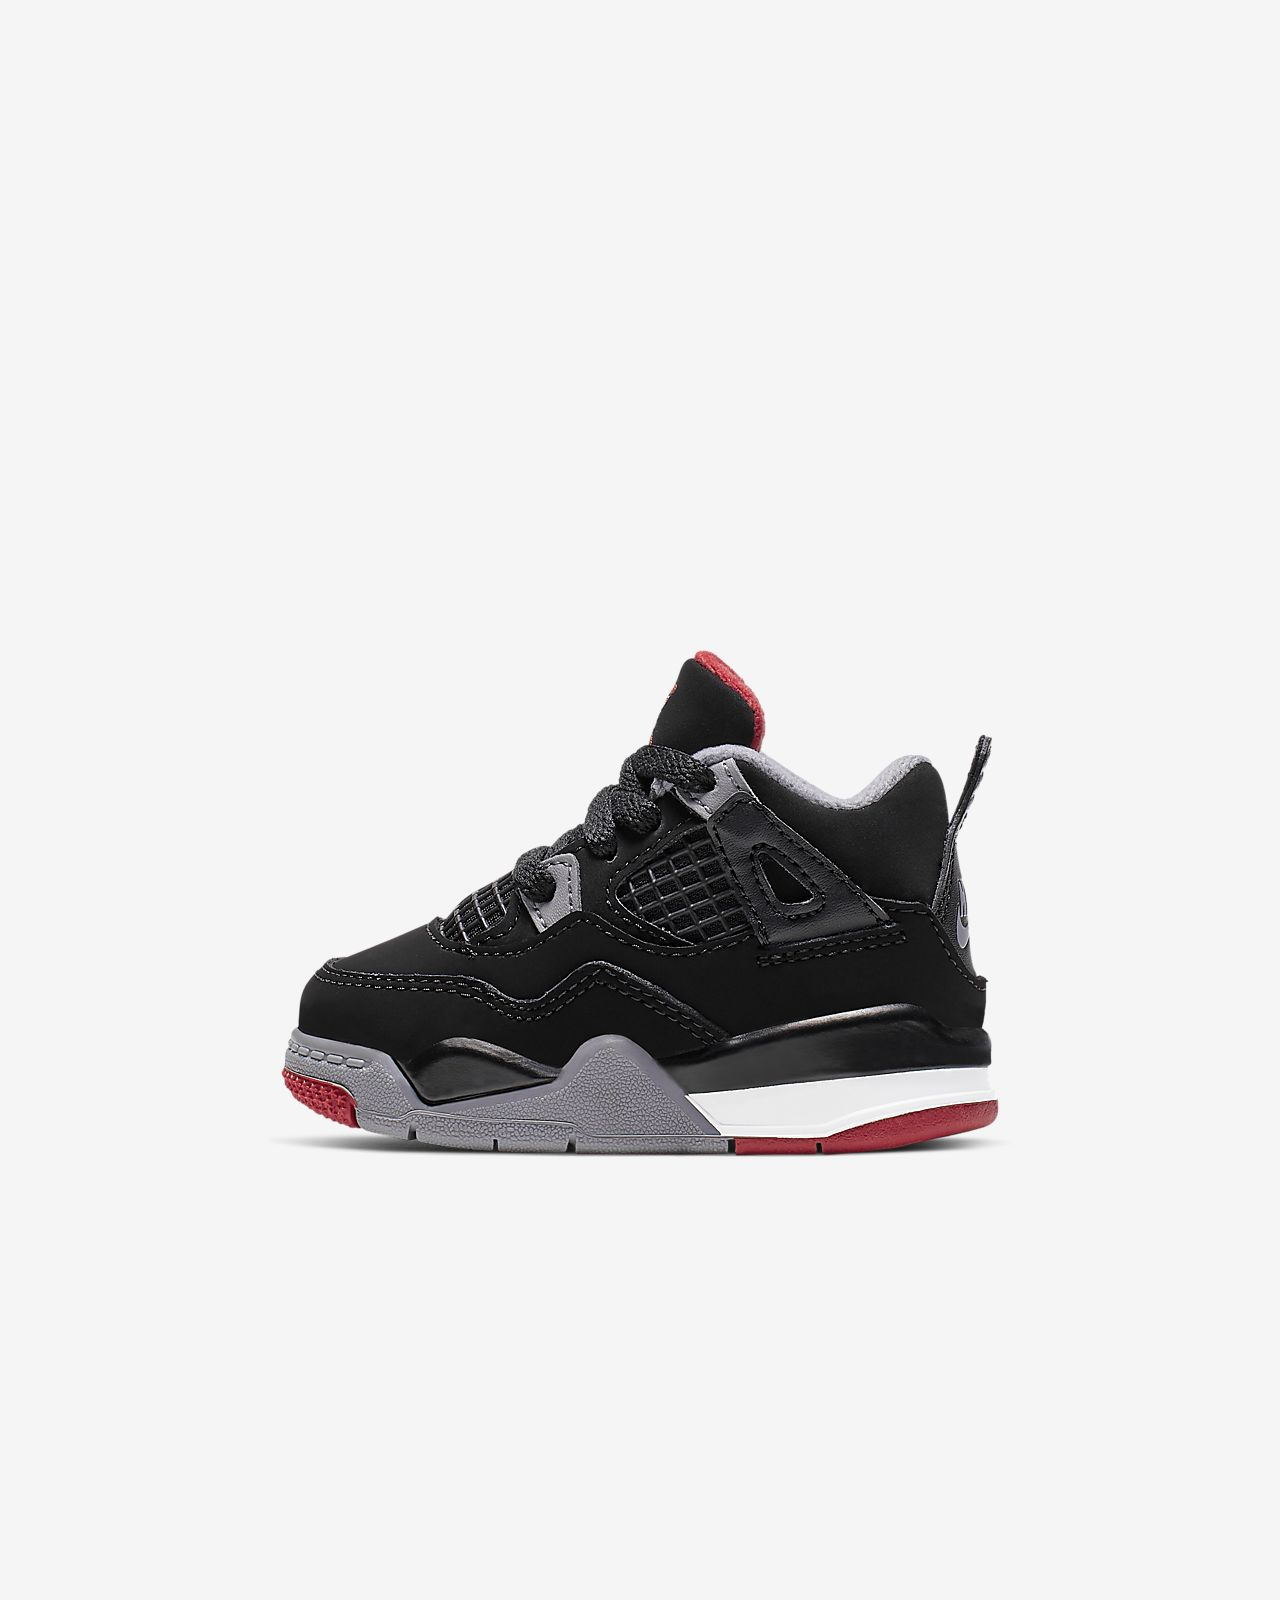 191eb5192d354 Chaussure Air Jordan 4 Retro pour Bébé Petit enfant. Nike.com FR